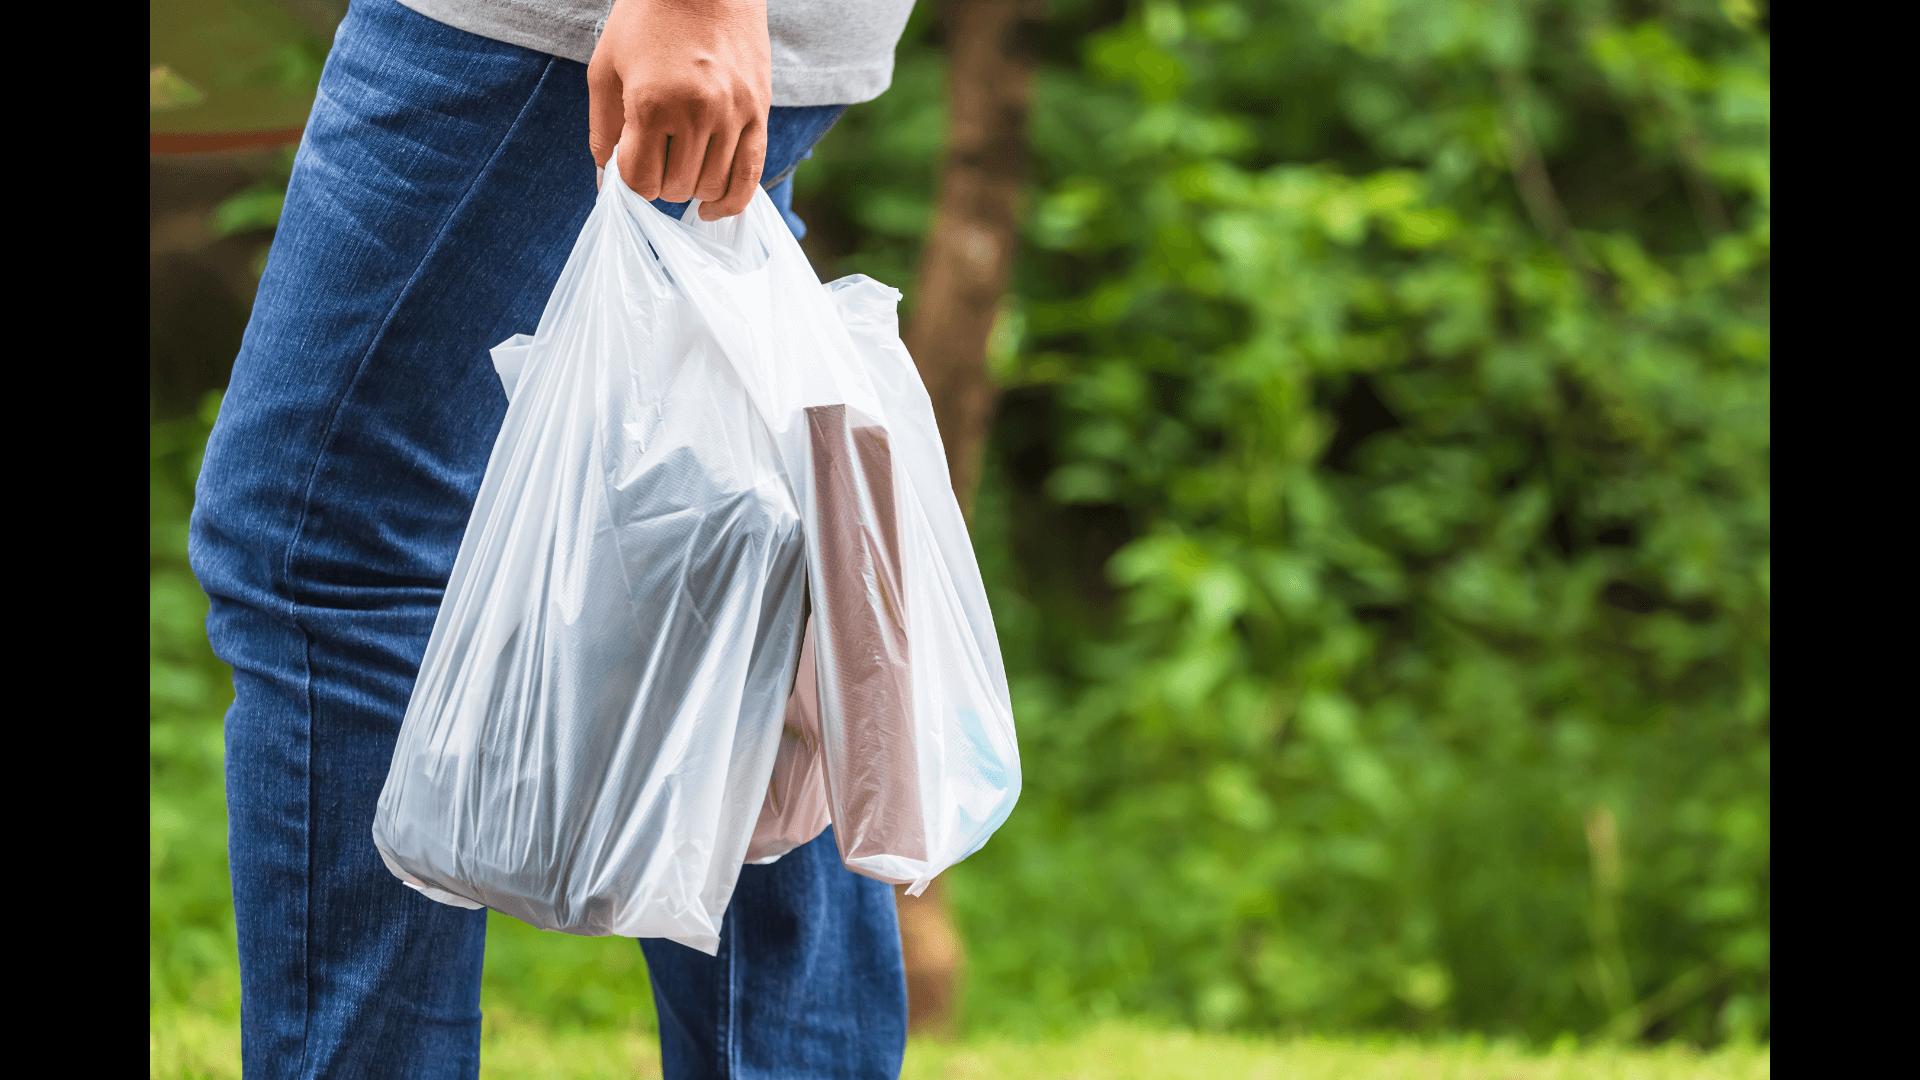 Colorado bans plastic